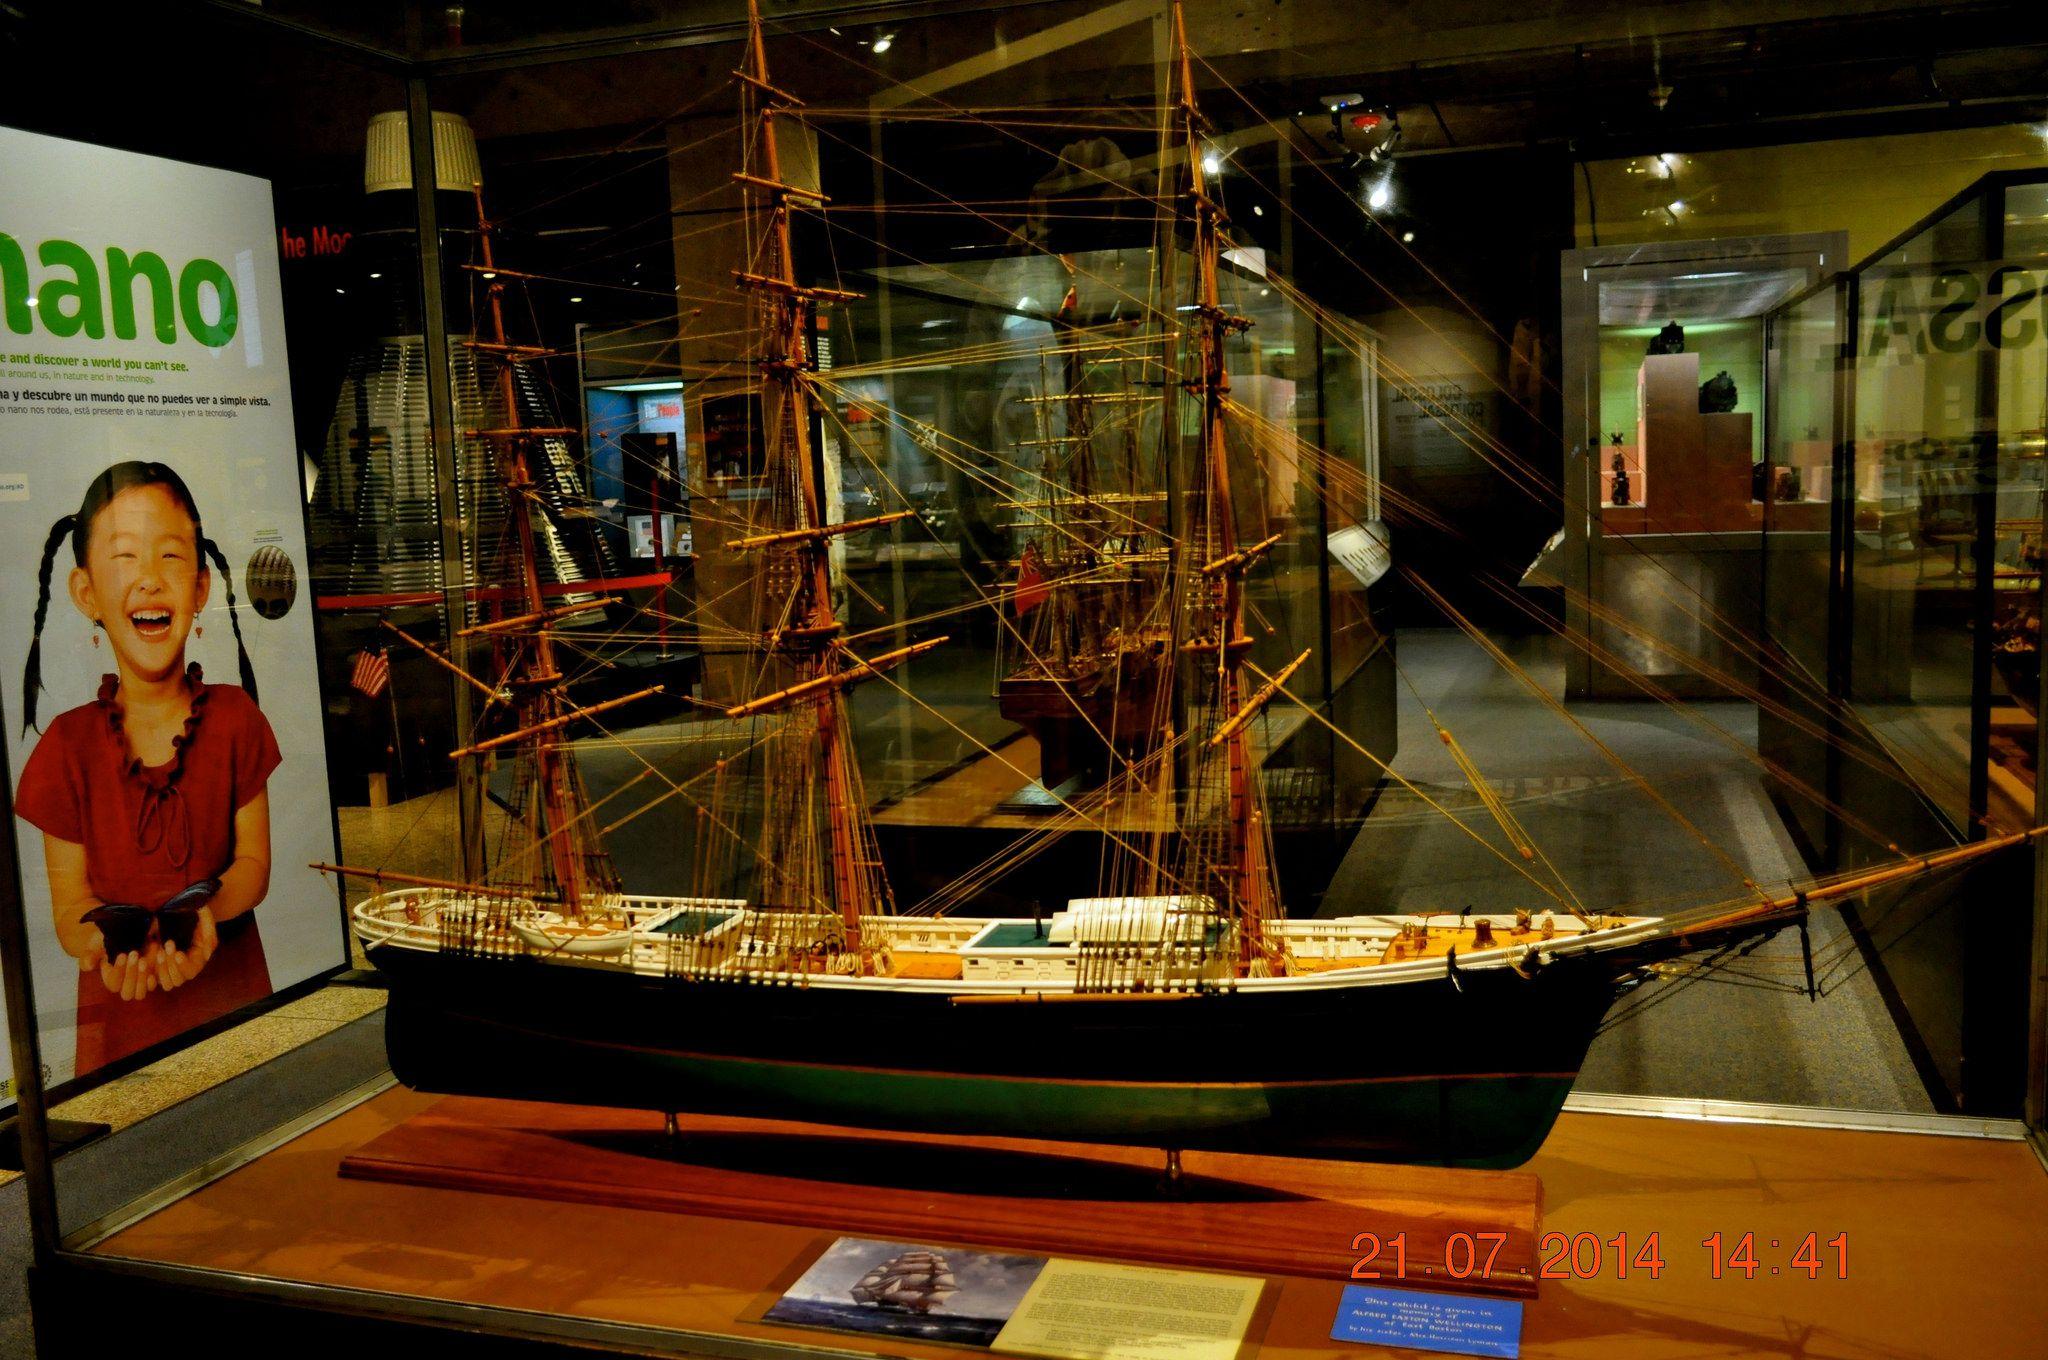 https://flic.kr/p/oAeFeQ   2014 July 21 Boston Science Museum Boston MA   2014 July 21 Boston Science Museum Boston MA